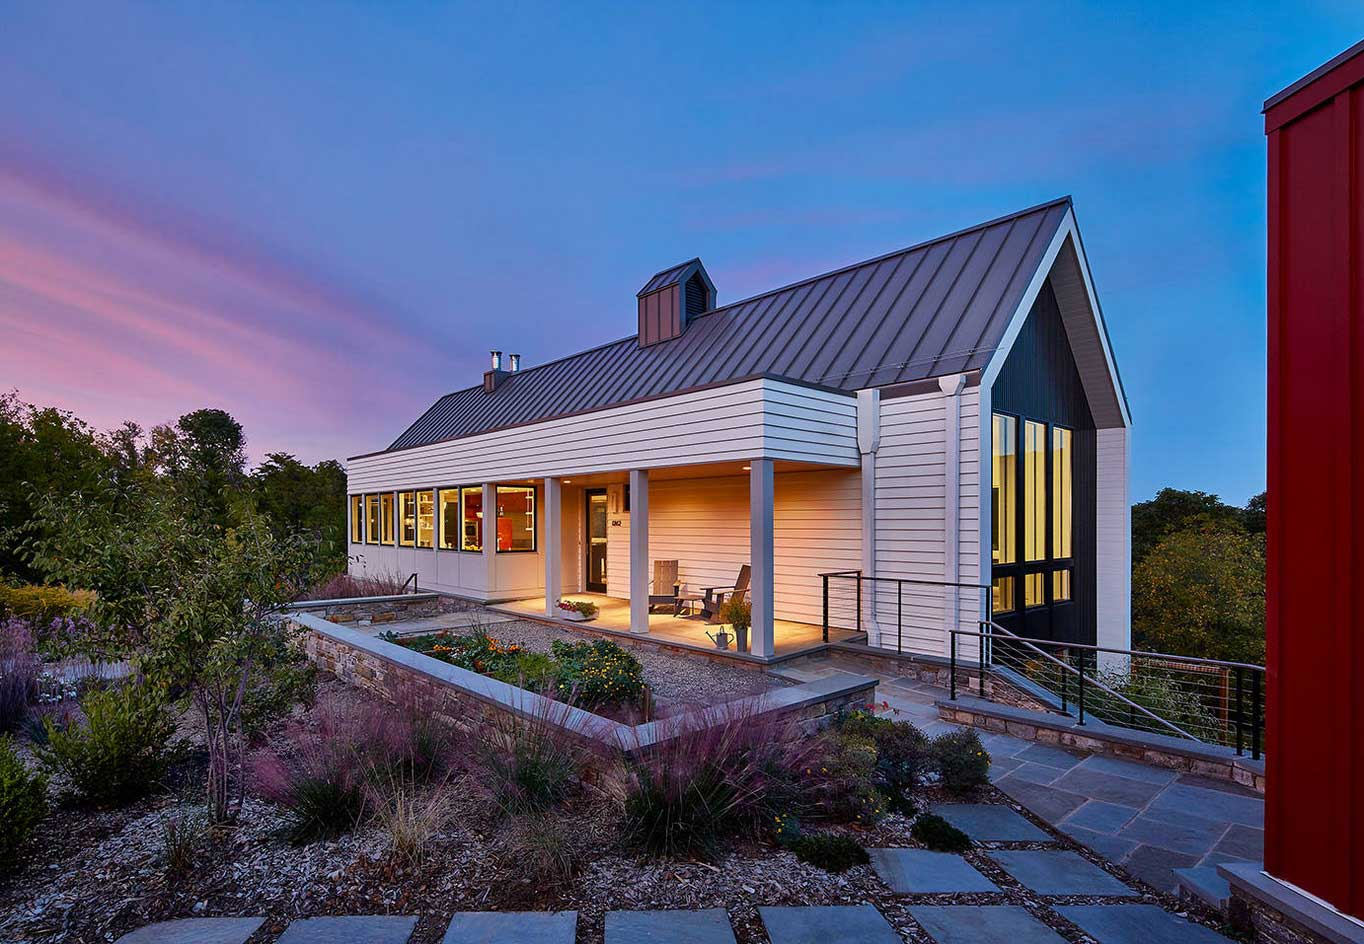 Modern Home in Rural Hamlet by Wiedemann Architects